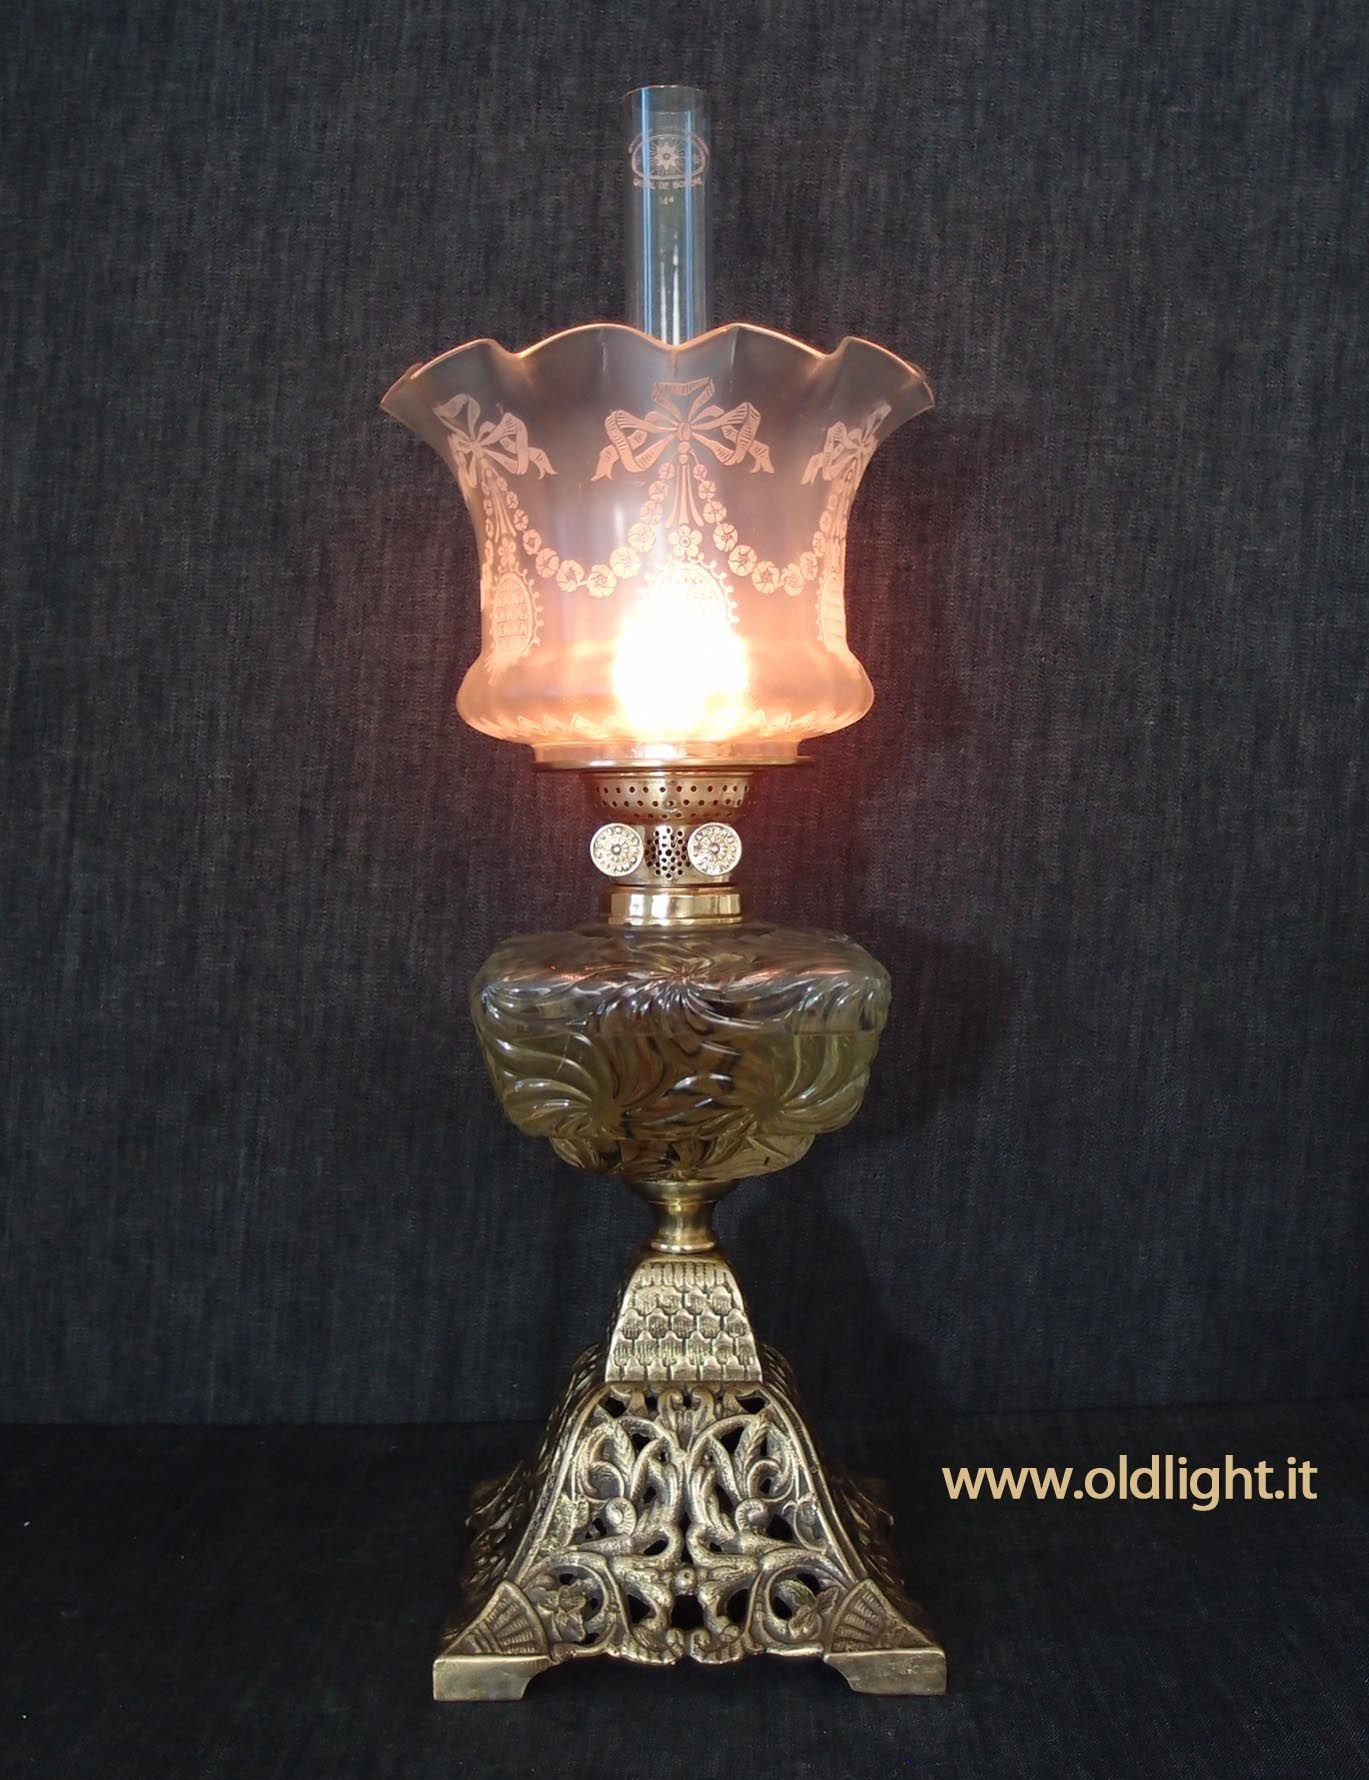 Lampada Da Tavolo Inglese Base In Fusione Di Ghisa Dorata Rarissimo Serbatoio Quadrato In Cristallo Prodotto Dalle Crist Swag Lamp Oil Lamps Lamp Light